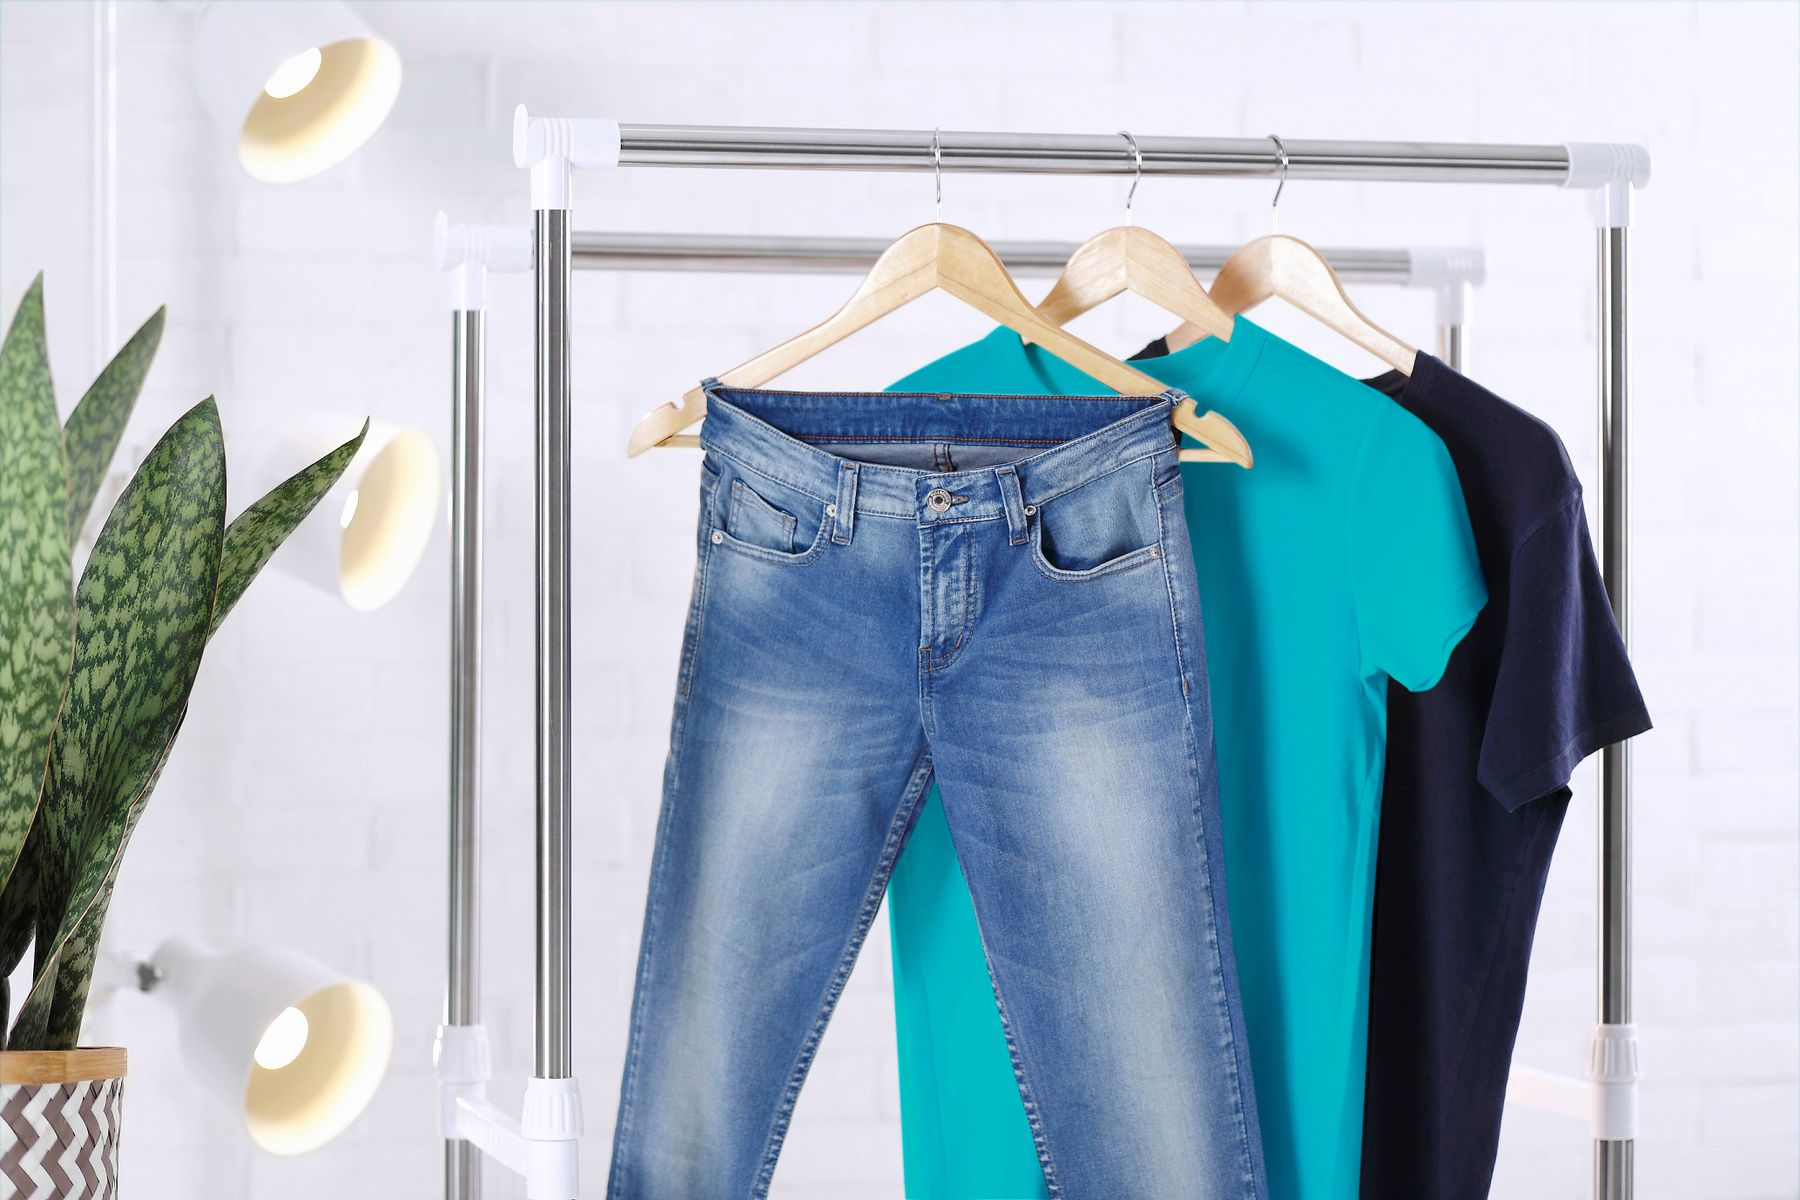 jeans et t-shirts suspendus à un cintre